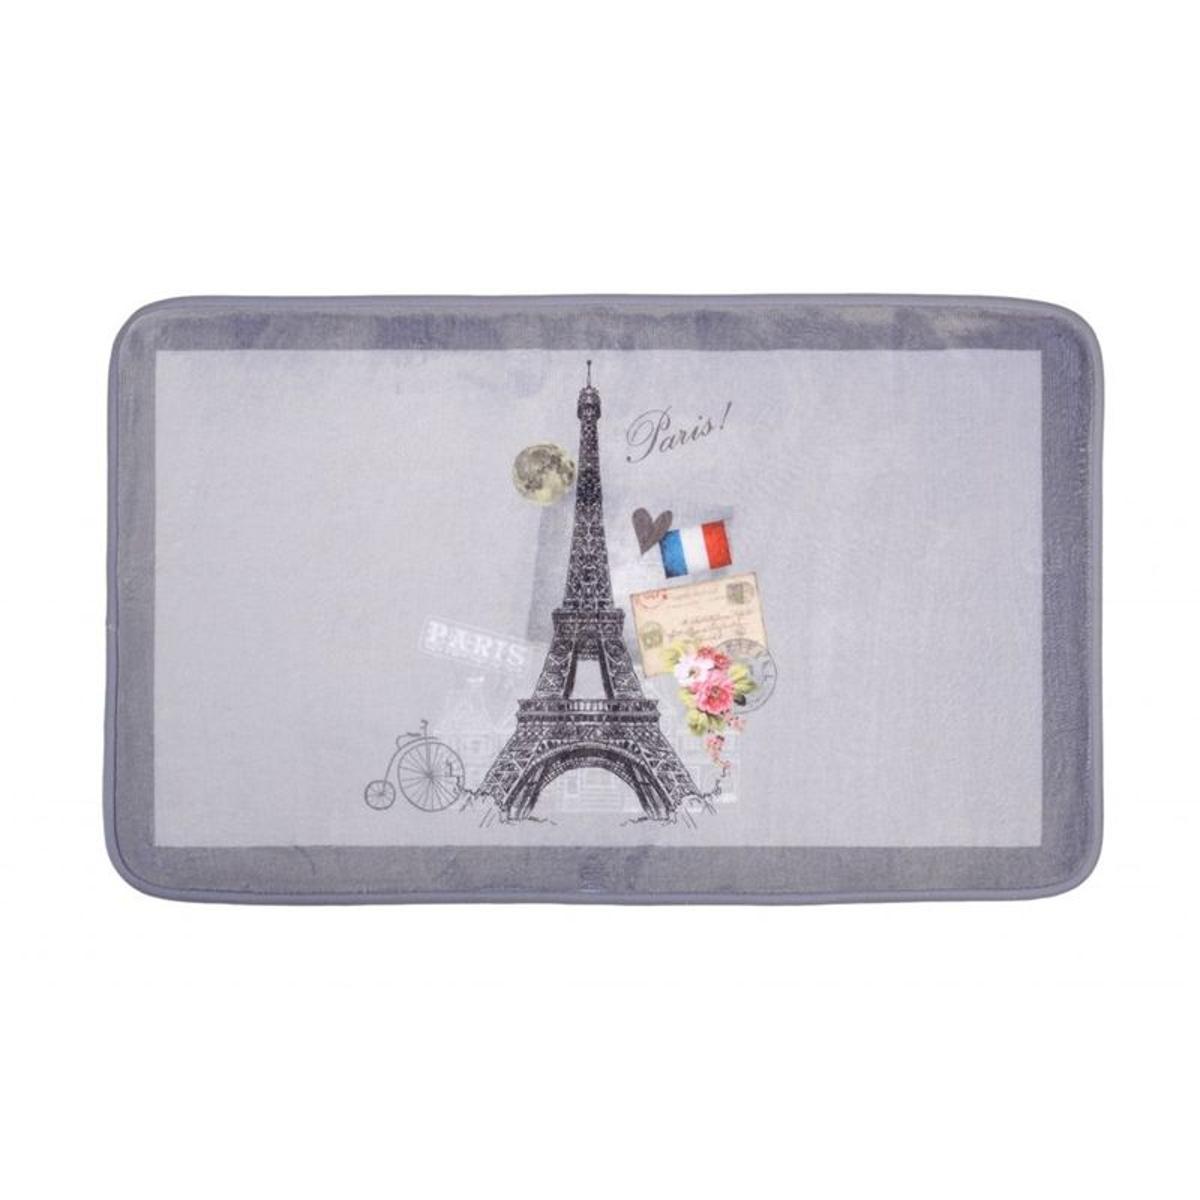 PIER IMPORT Tapis de sol Tour Eiffel 45x75cm METROPOLE 496dacf85e94